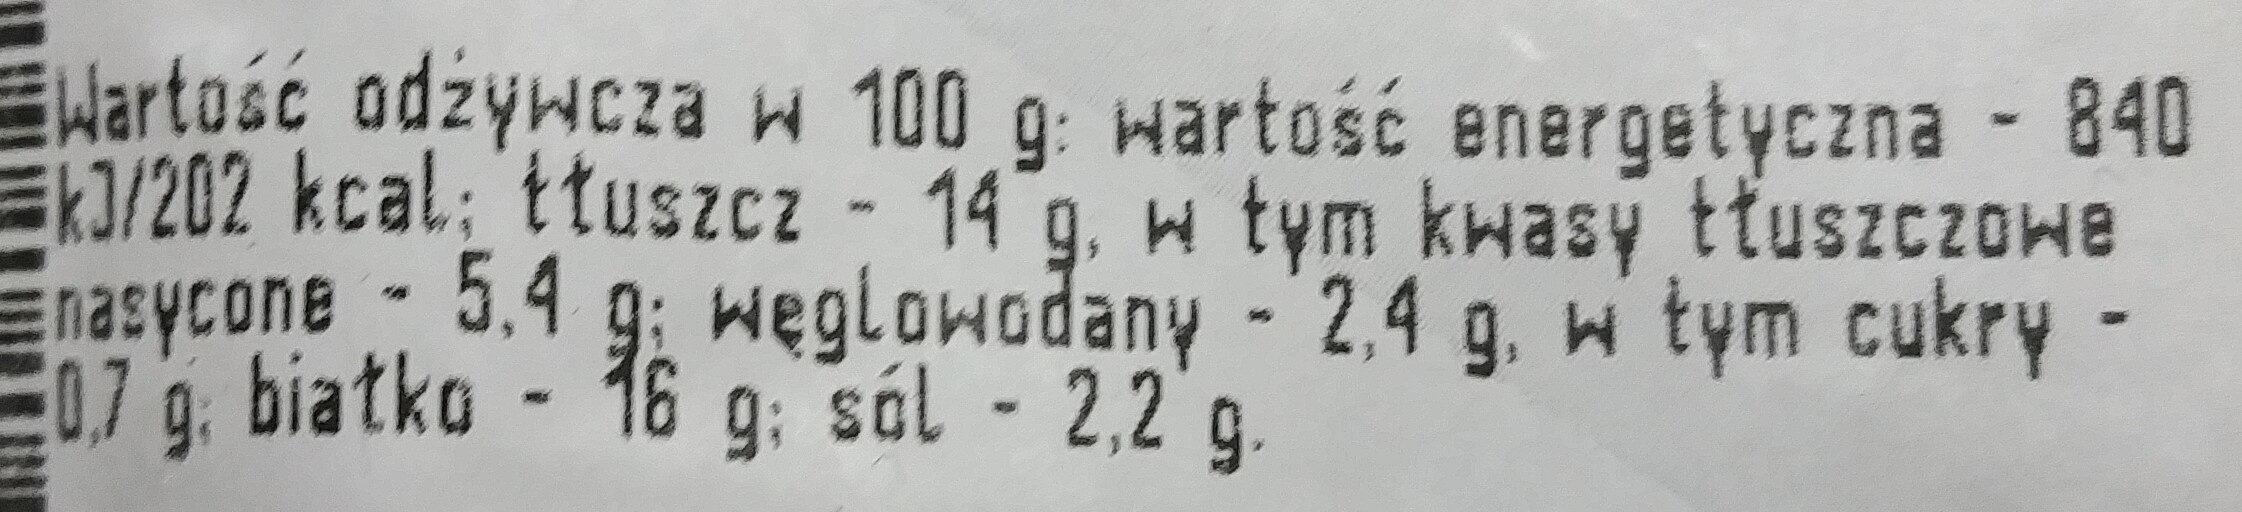 Kiełbasa Rydzyńska - Wartości odżywcze